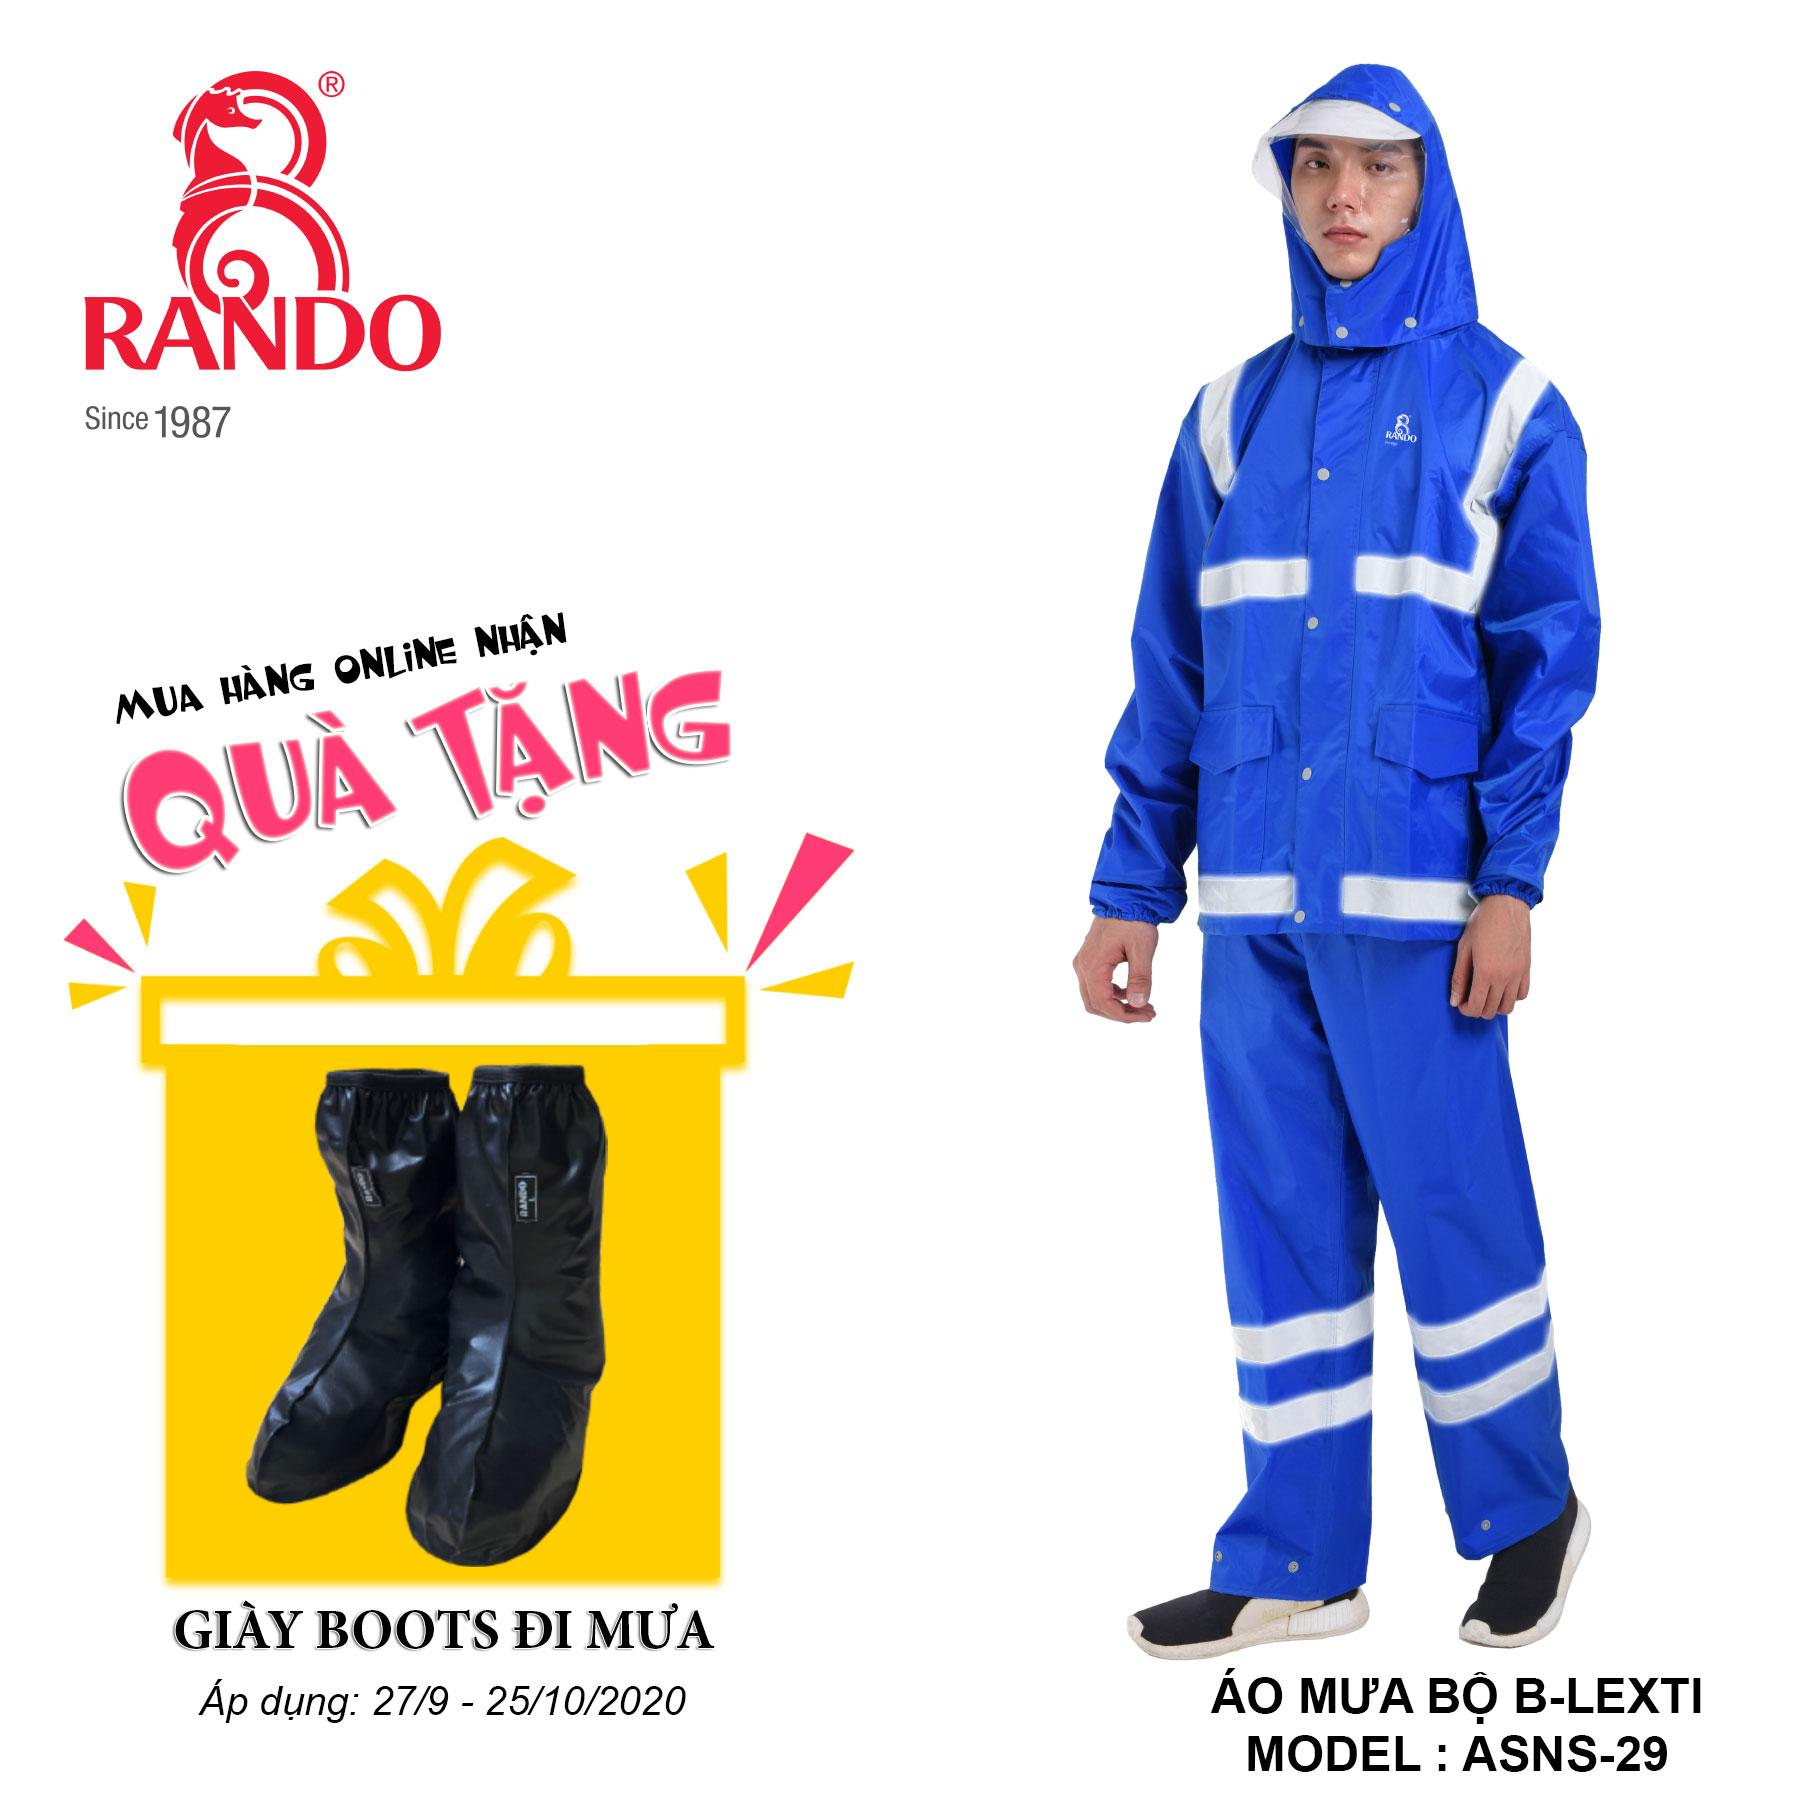 Mua bộ áo mưa B-LEXTI tặng GIÀY BOOTS đi mưa RANDO